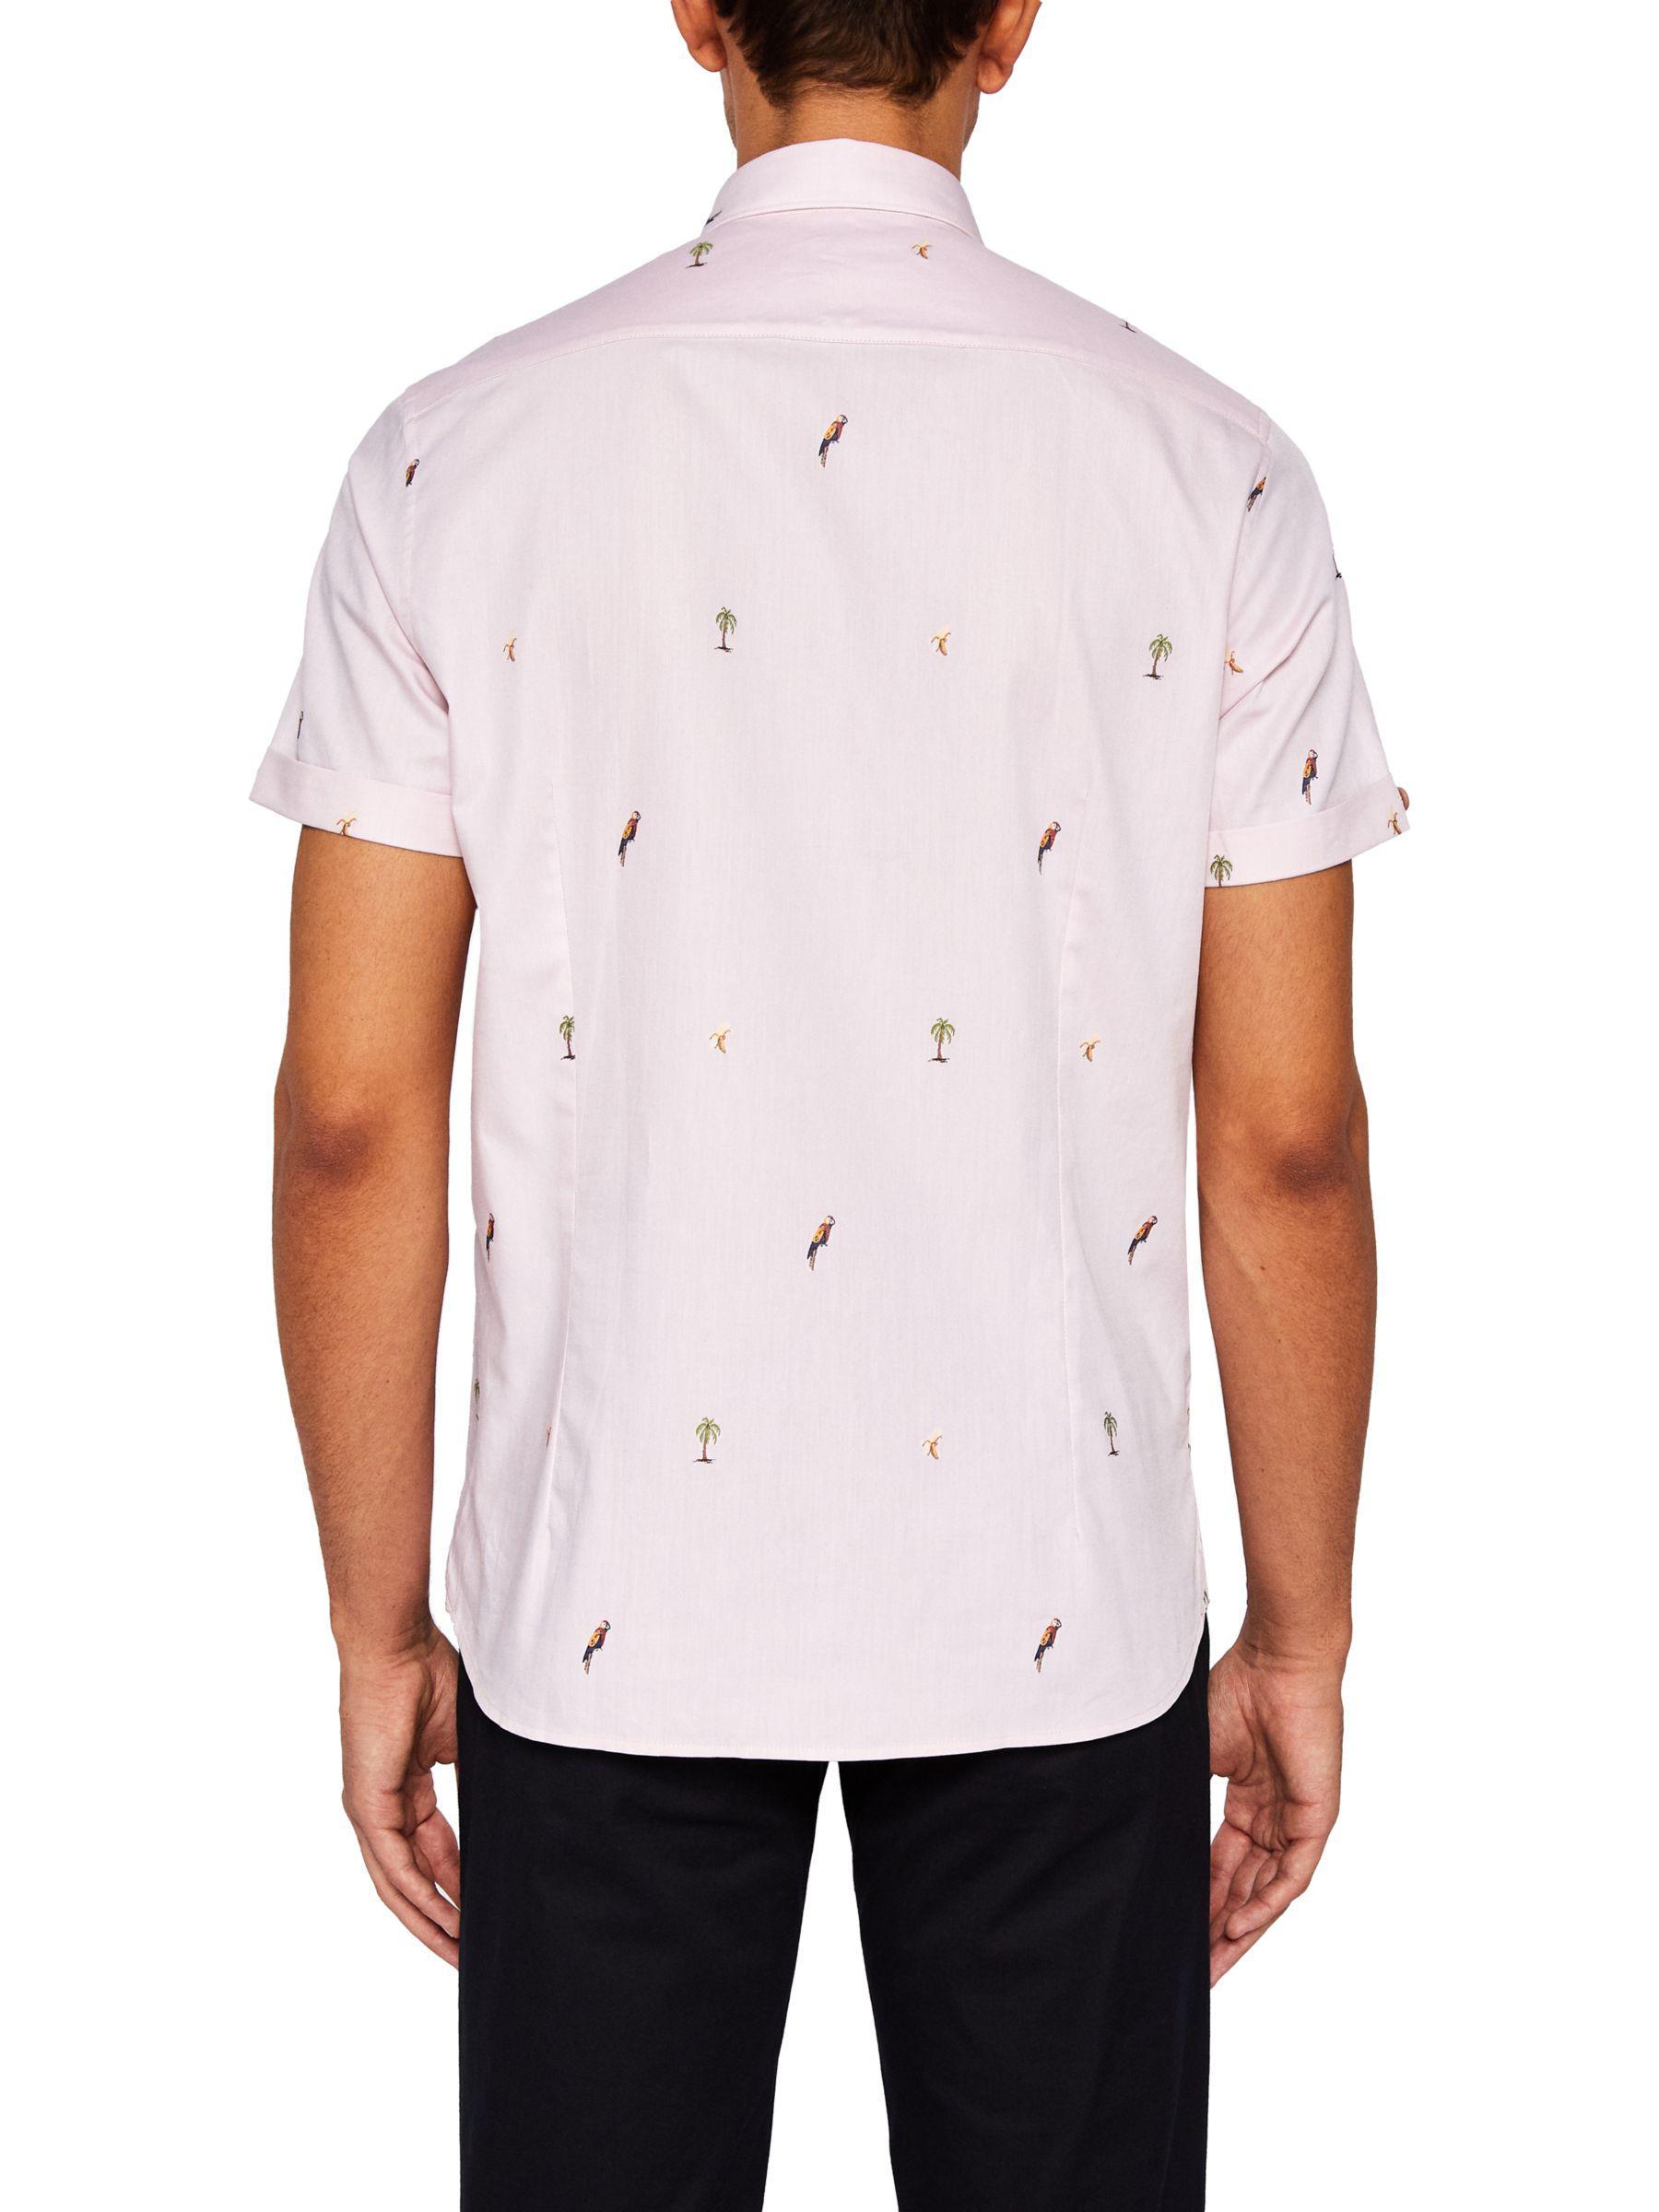 Ted Baker Mens Shirts Debenhams Anlis